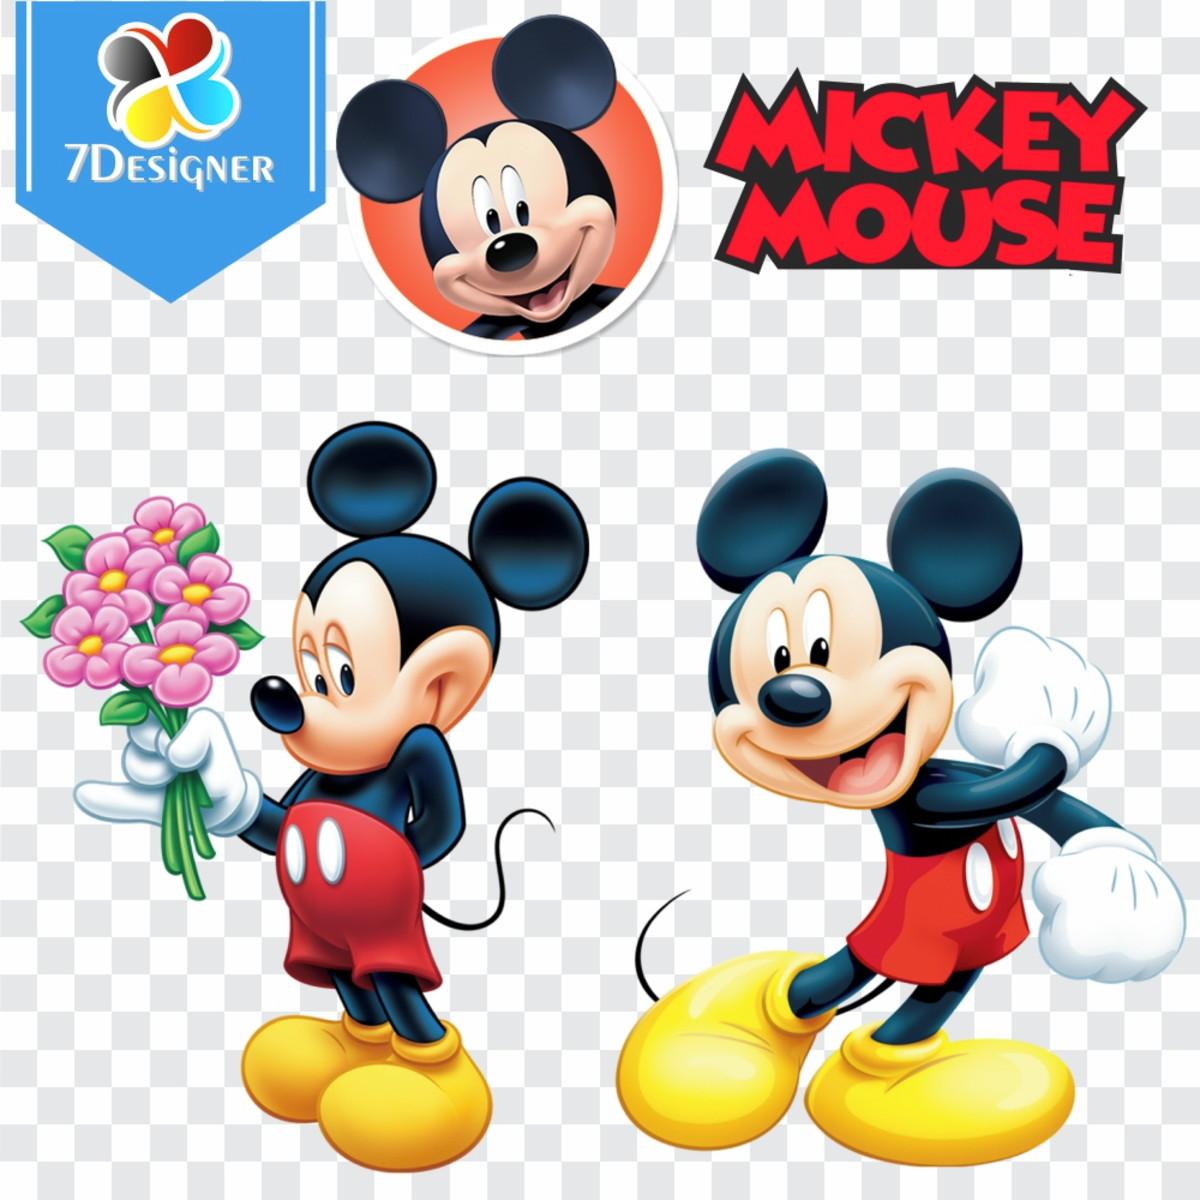 Kit Digital Mickey Mouse 95 Imagens Em Png No Elo7 7designer